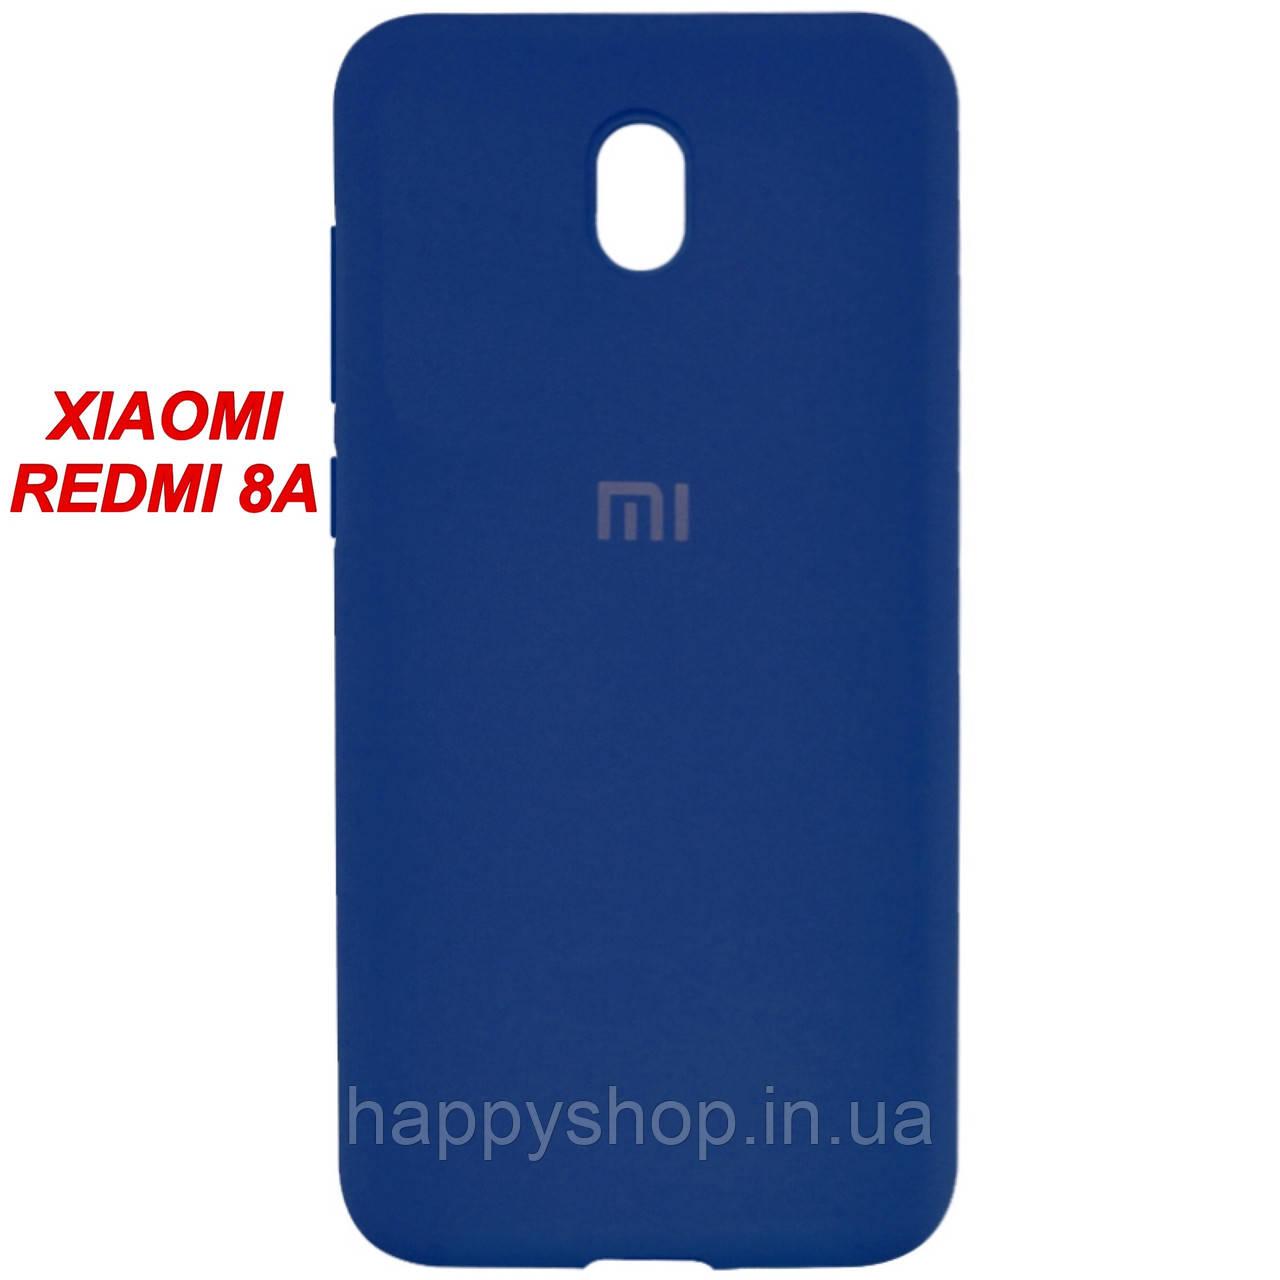 Оригінальний чохол для Xiaomi Redmi 8a (Синій/Navy Blue)